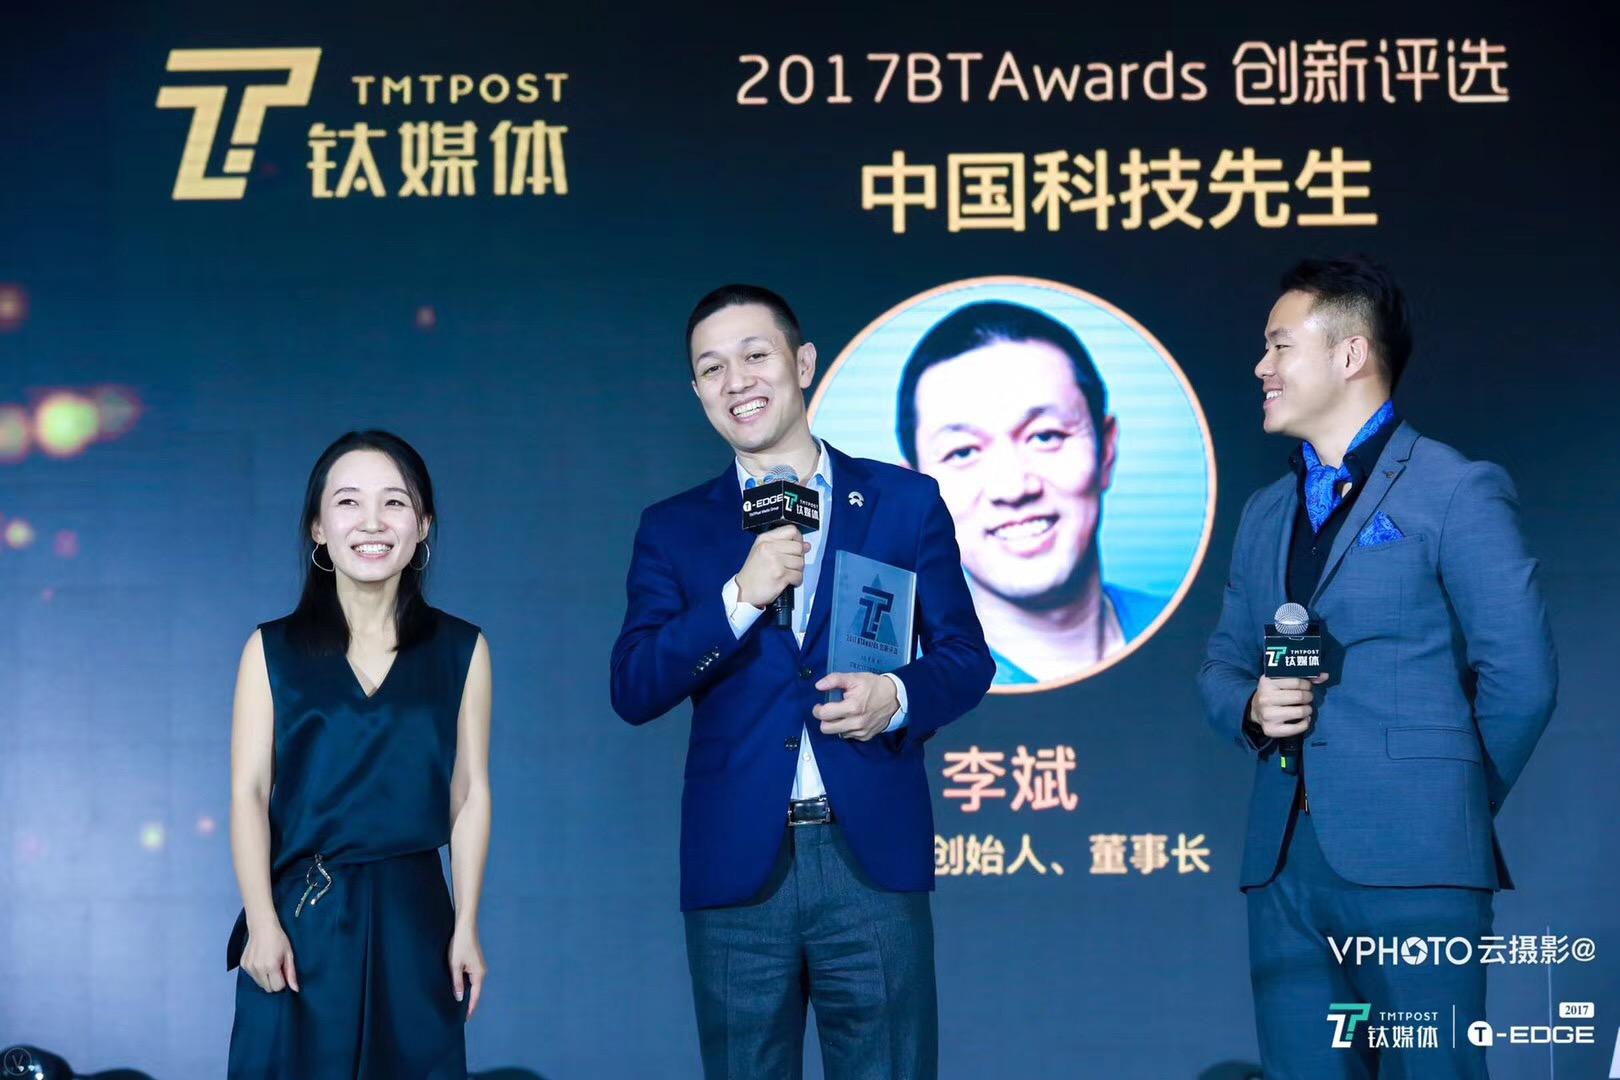 钛媒体创始人&CEO赵何娟向李斌颁奖